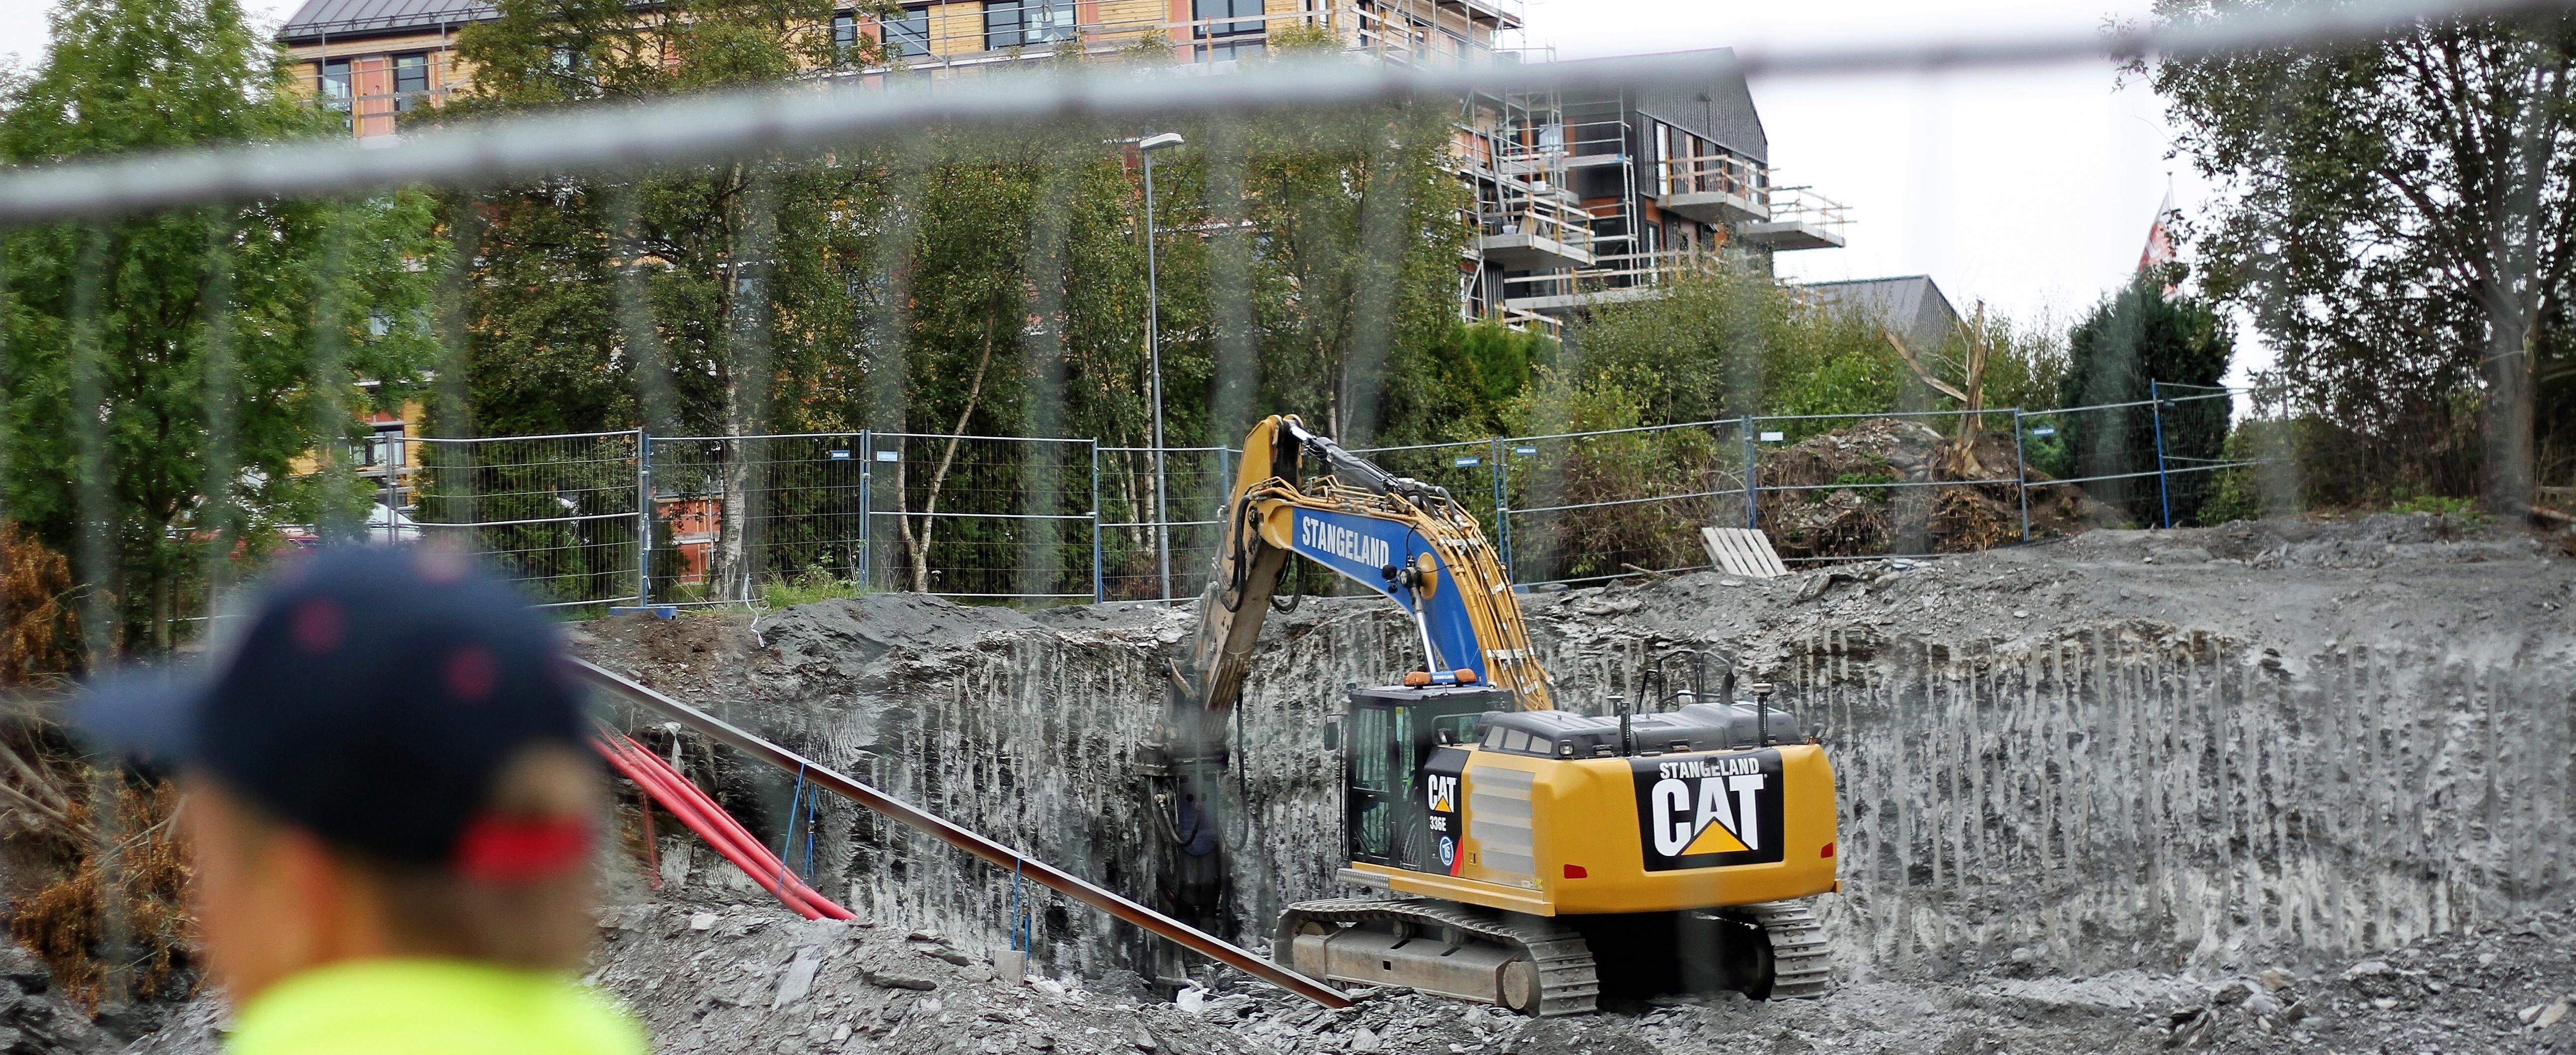 Gravemaskin står innenfor gjerder i en byggegrop